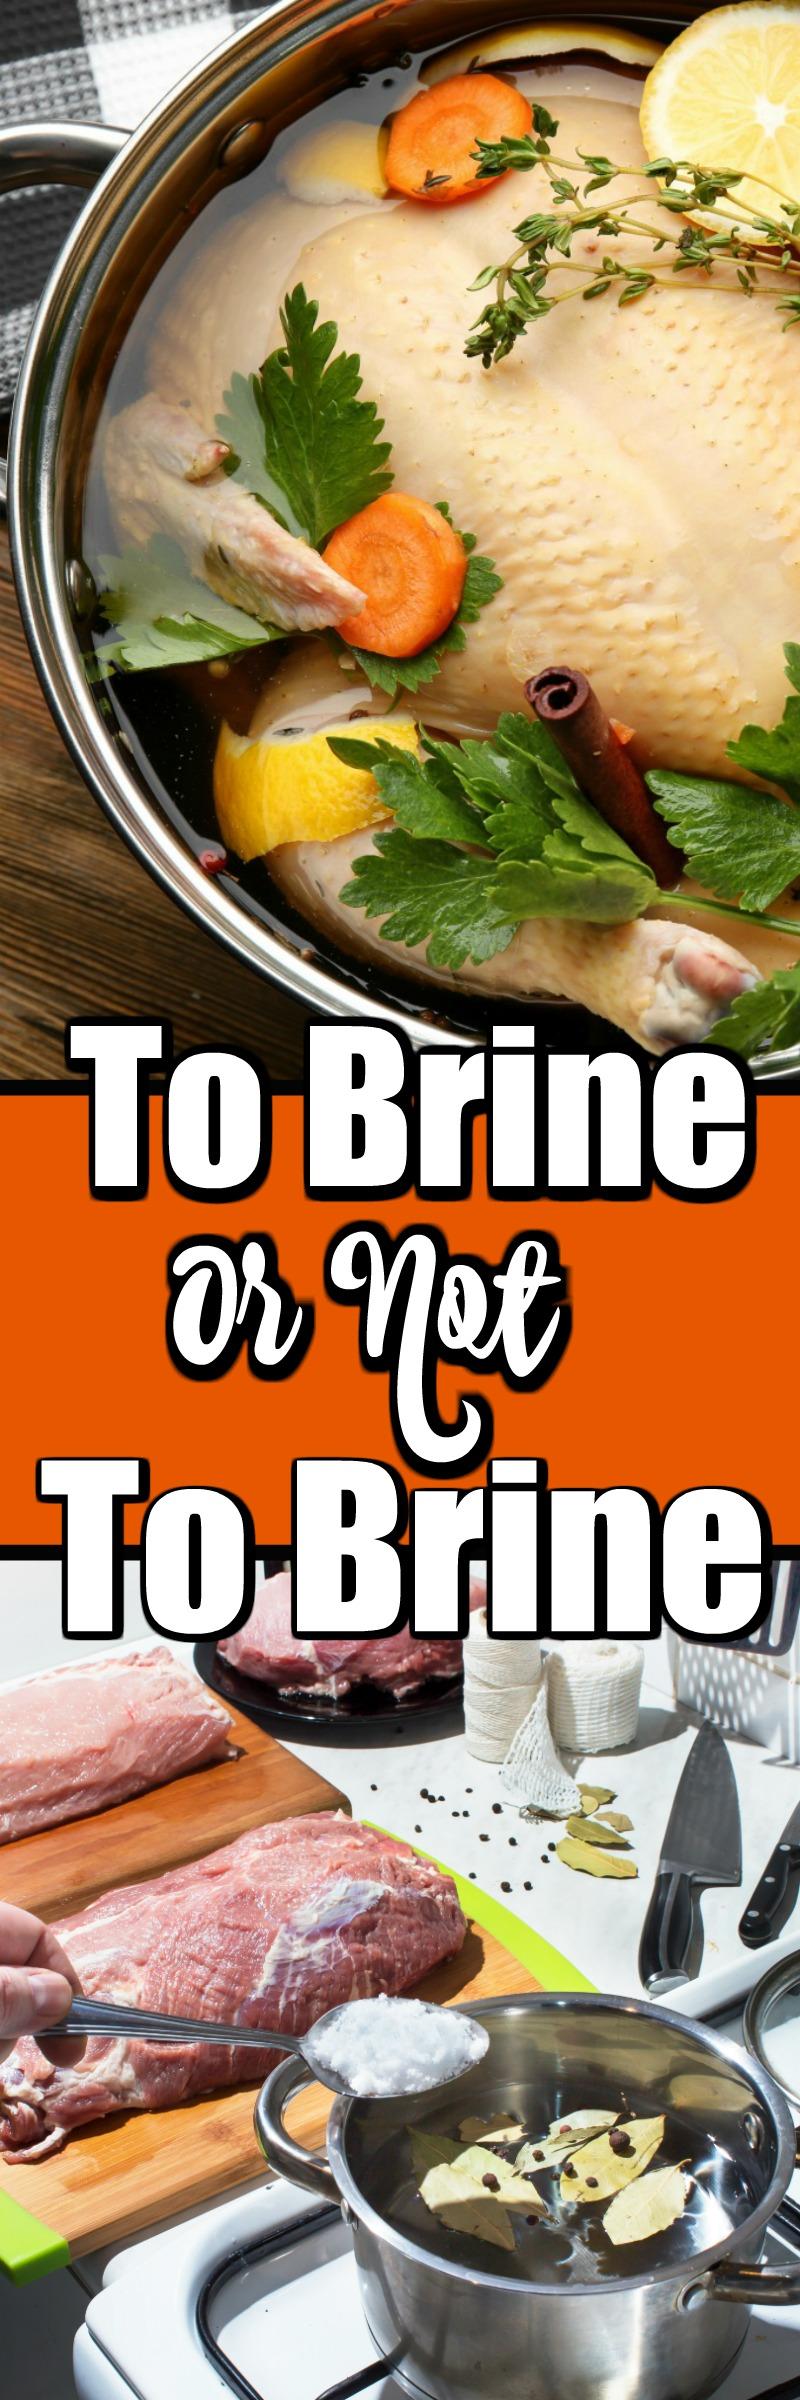 To Brine Or Not To Brine, that is the question, isn't it! #brining #turkeybrine #wetbrine #saltbrine